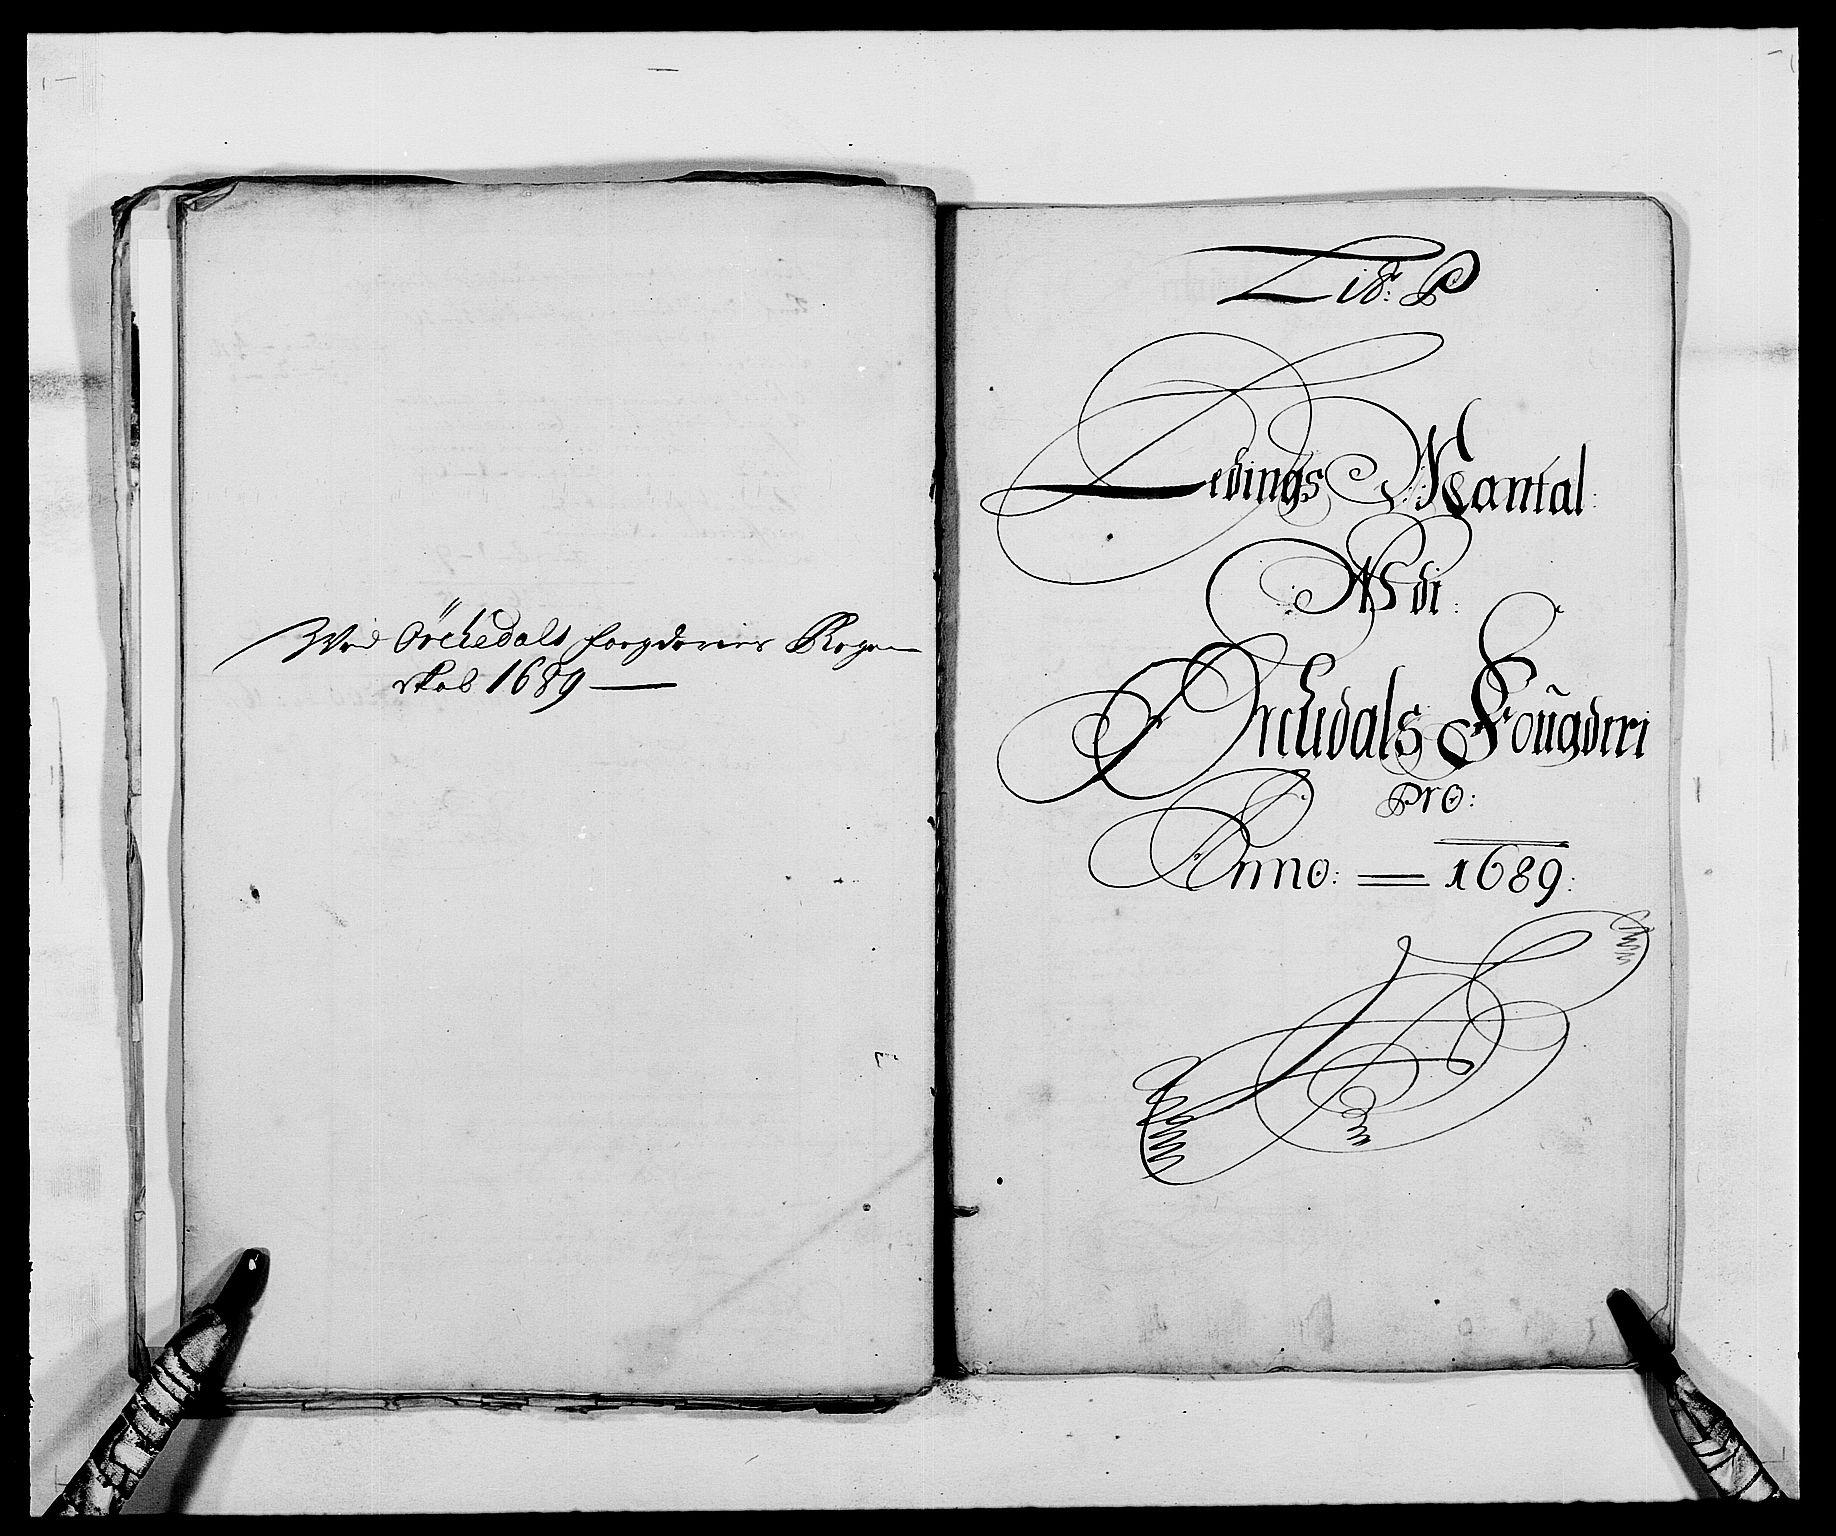 RA, Rentekammeret inntil 1814, Reviderte regnskaper, Fogderegnskap, R58/L3936: Fogderegnskap Orkdal, 1689-1690, s. 150